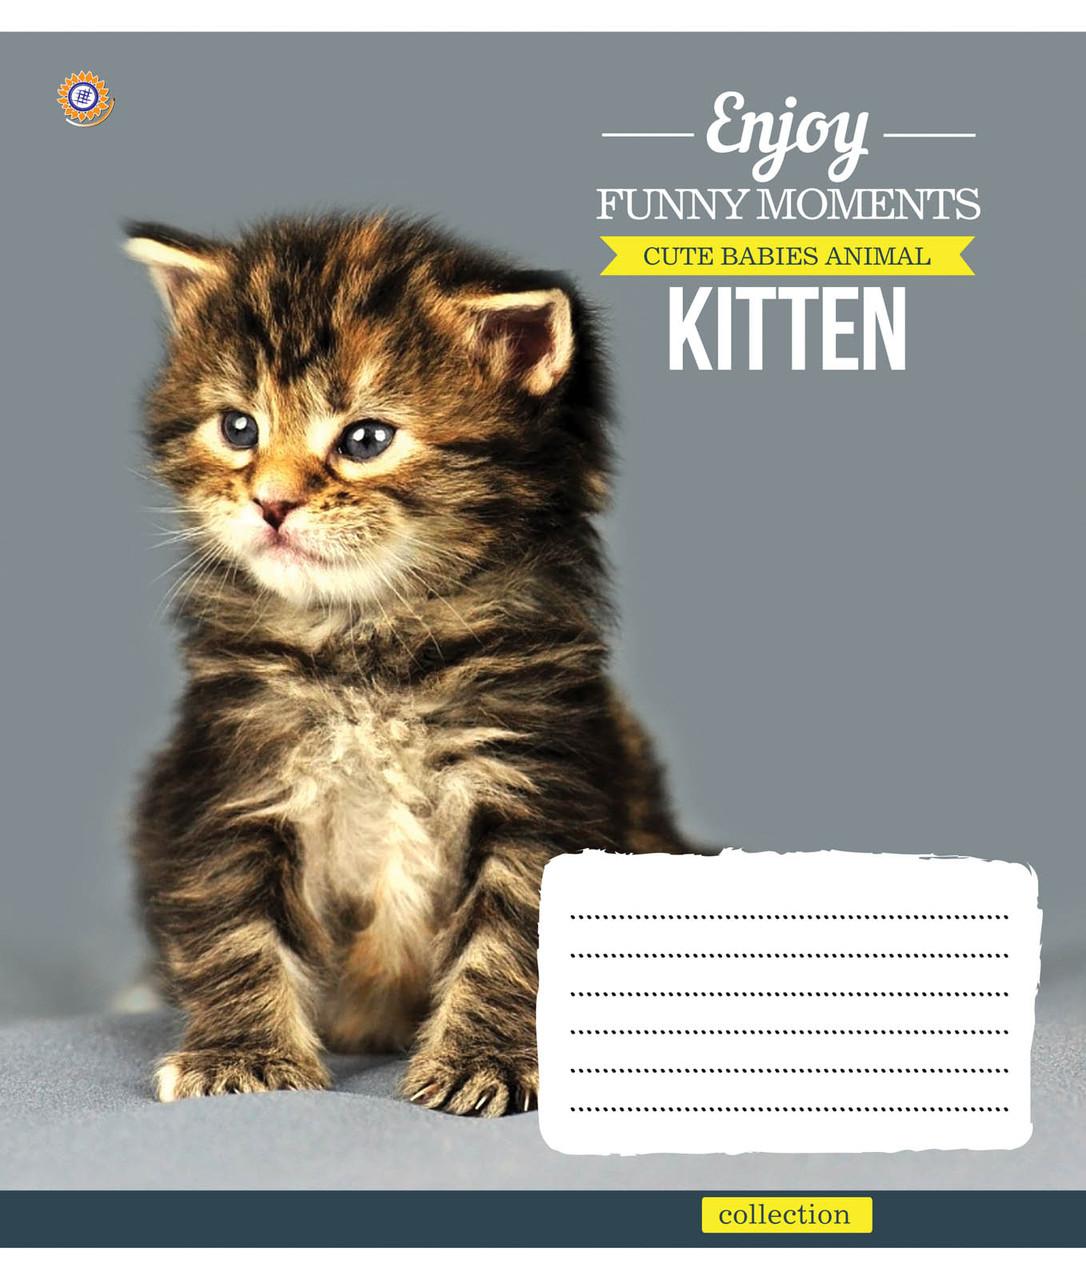 Тетрадь в клетку с котиками Kittens Funny Moments -17 на 12 листов